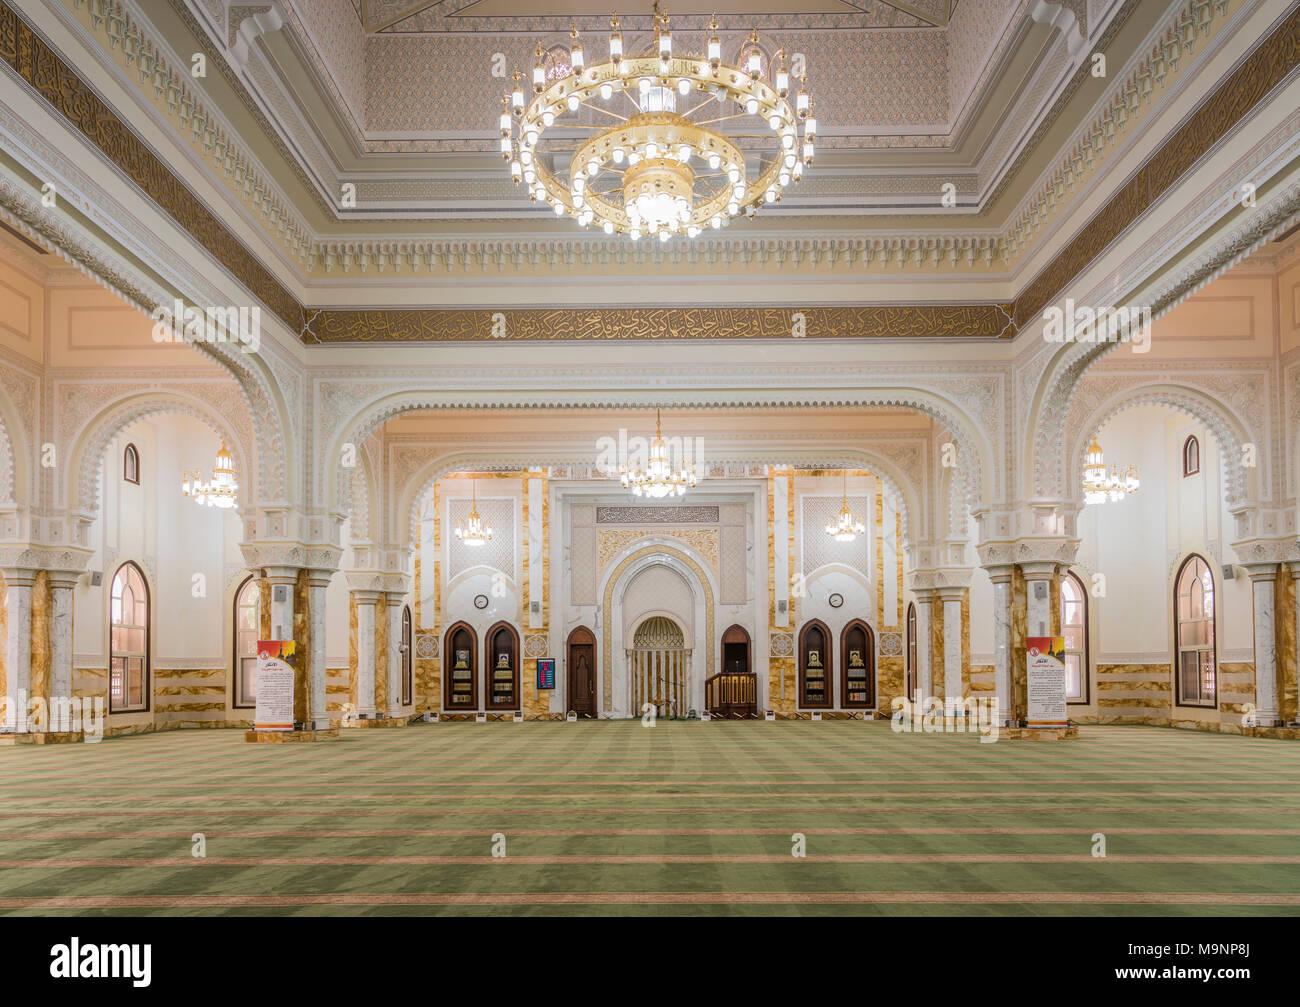 L'intérieur de la mosquée Al Manara à Dubaï, Émirats arabes unis, au Moyen-Orient. Photo Stock